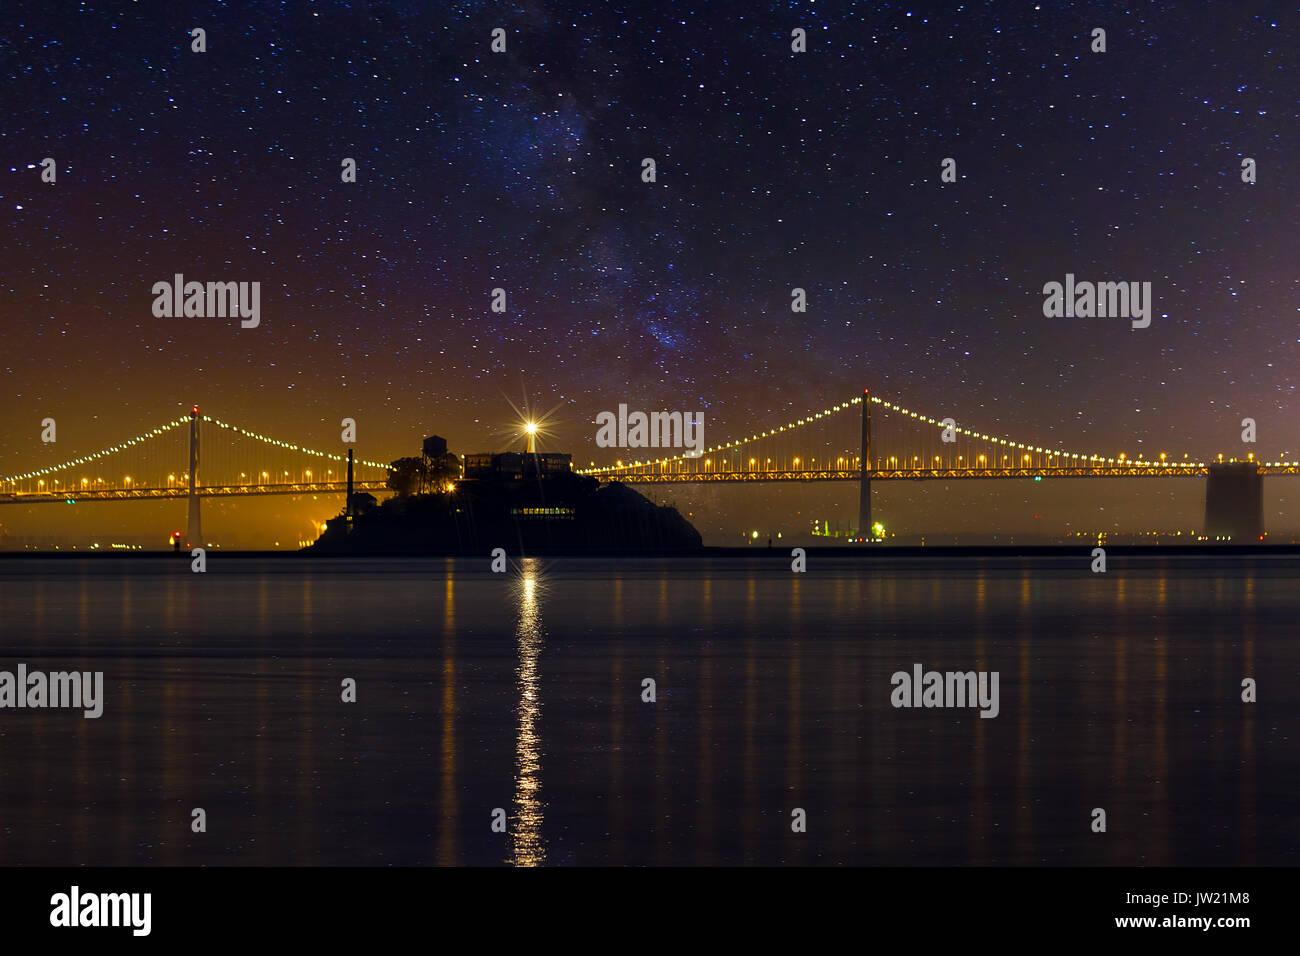 L'île d'Alcatraz à San Francisco Californie sous les étoiles la nuit Banque D'Images